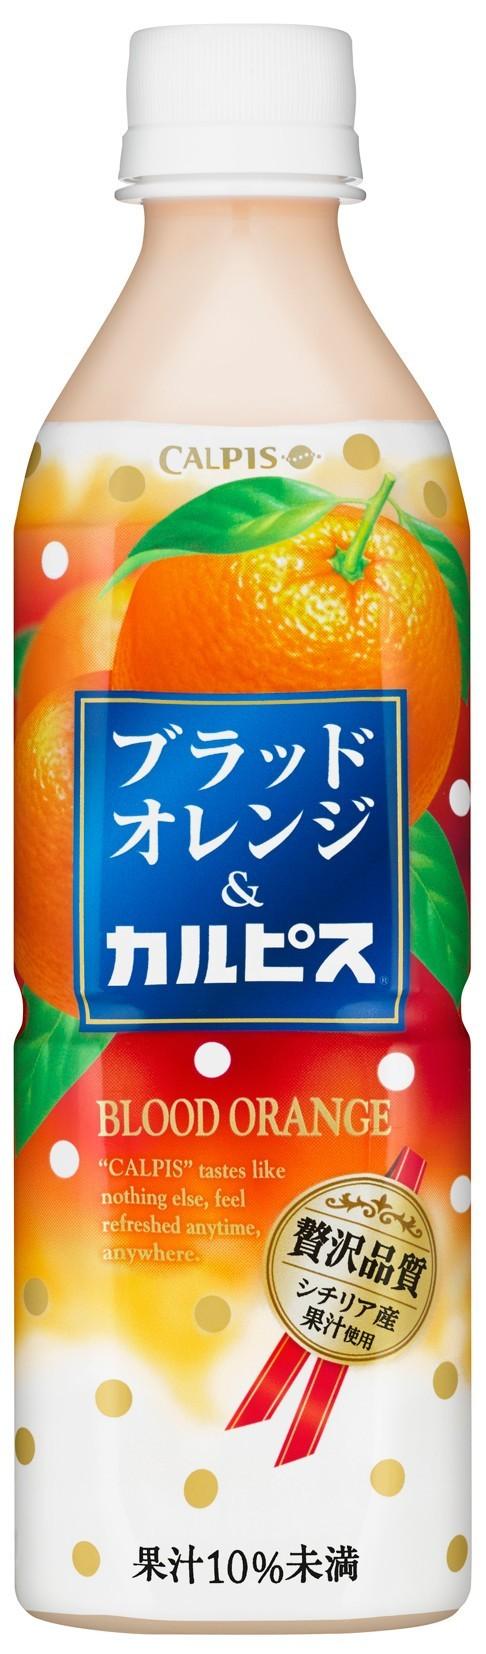 甘酸っぱい果実にコク深い味わい...乳性果汁飲料「ブラッドオレンジ&『カルピス』」発売